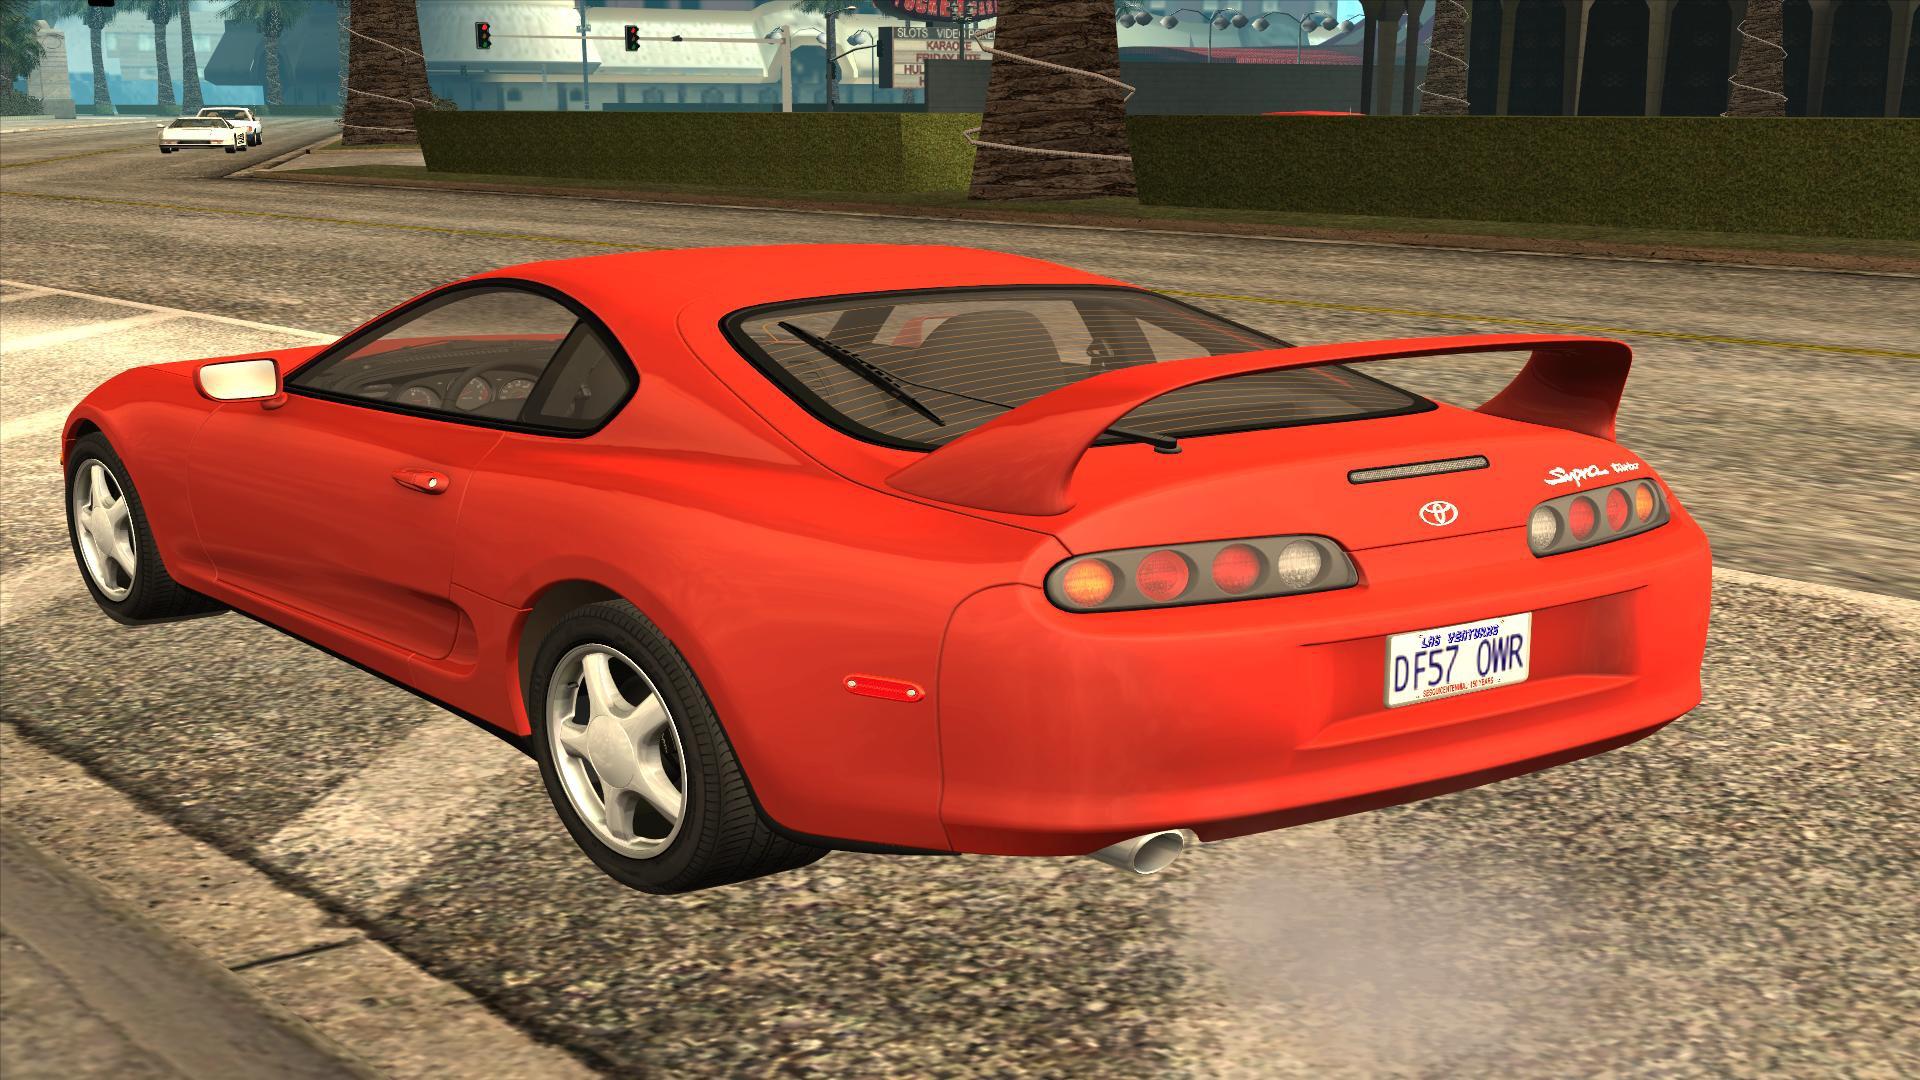 t6naP-V8Jro.jpg?size=1920x1080&quality=9